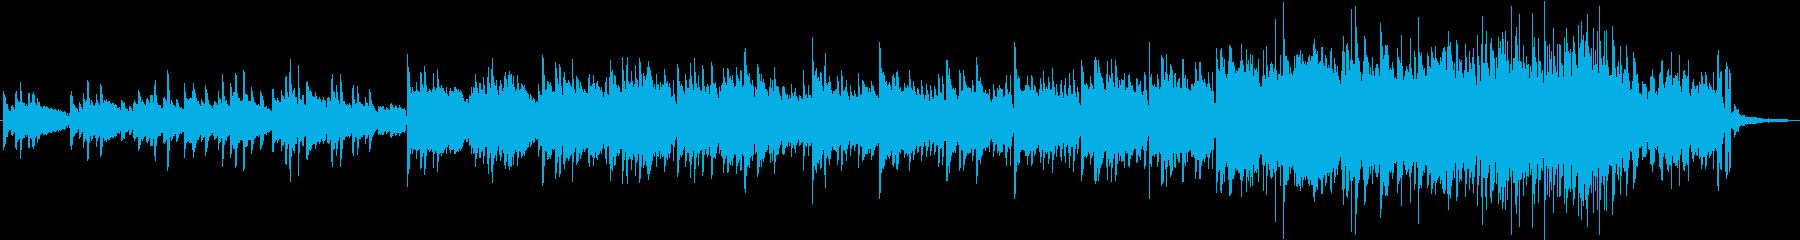 動画 技術的な 感情的 希望的 ハ...の再生済みの波形